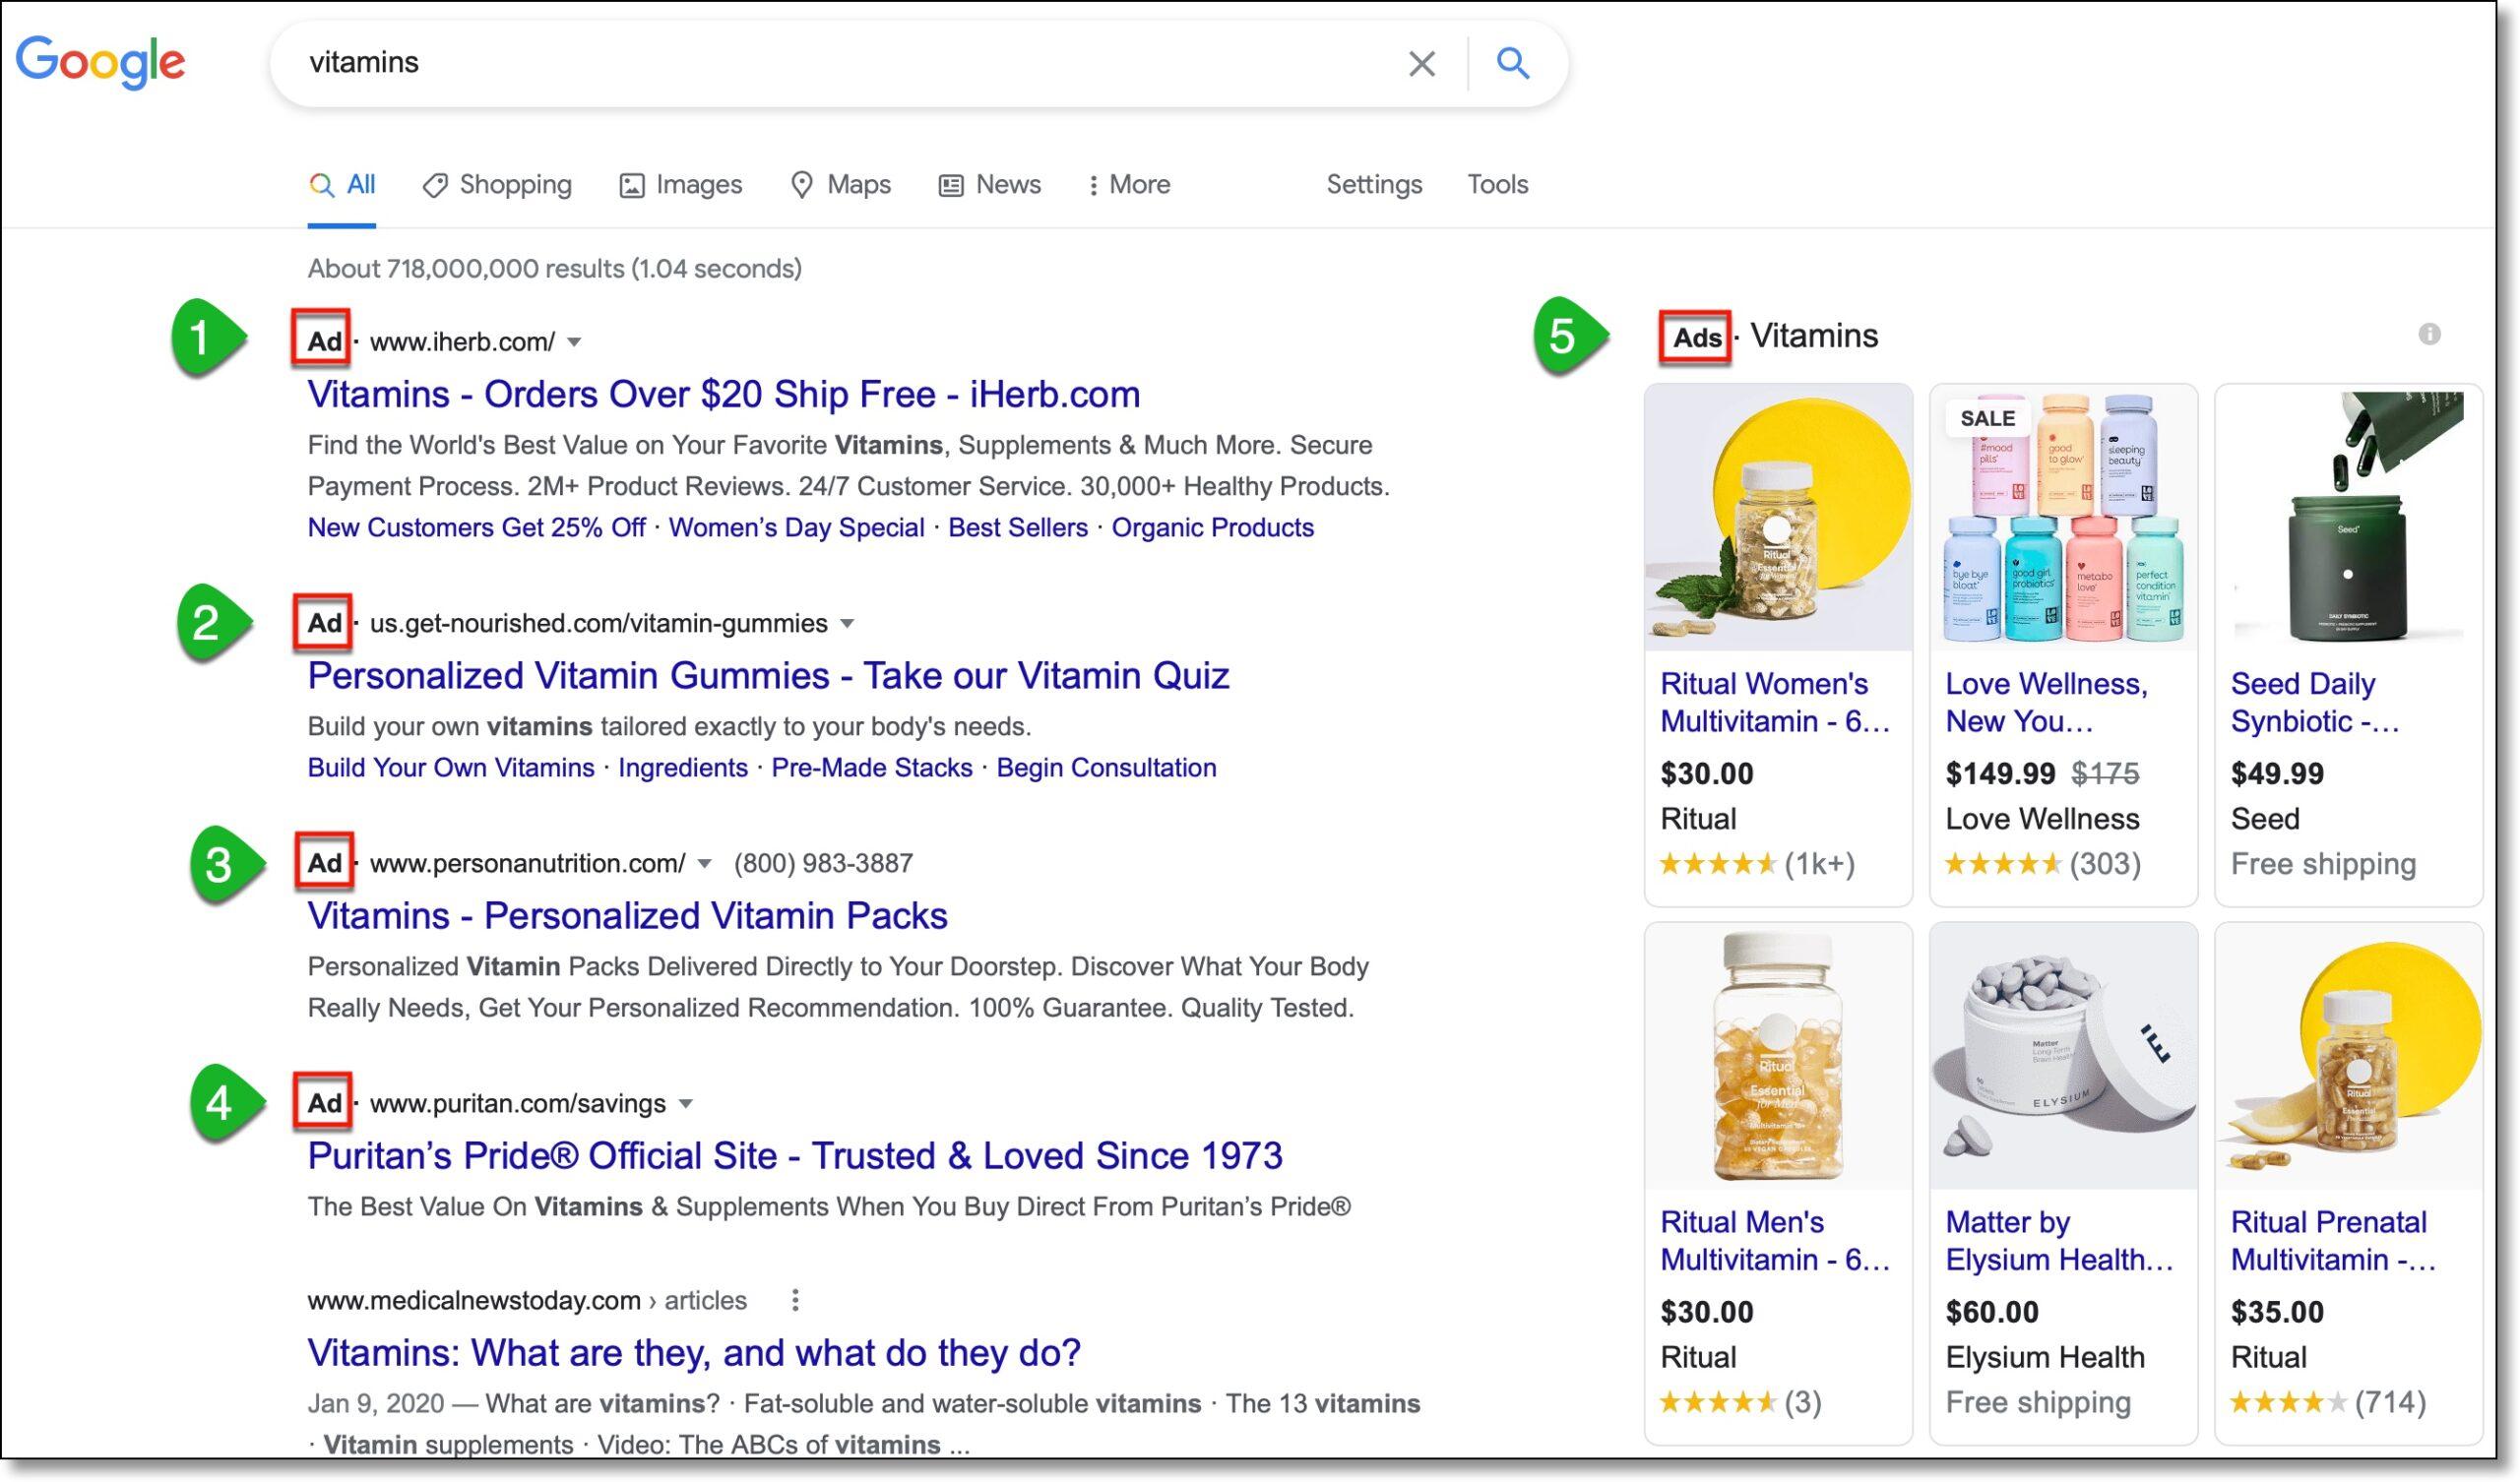 Google Search Vitamin Ads